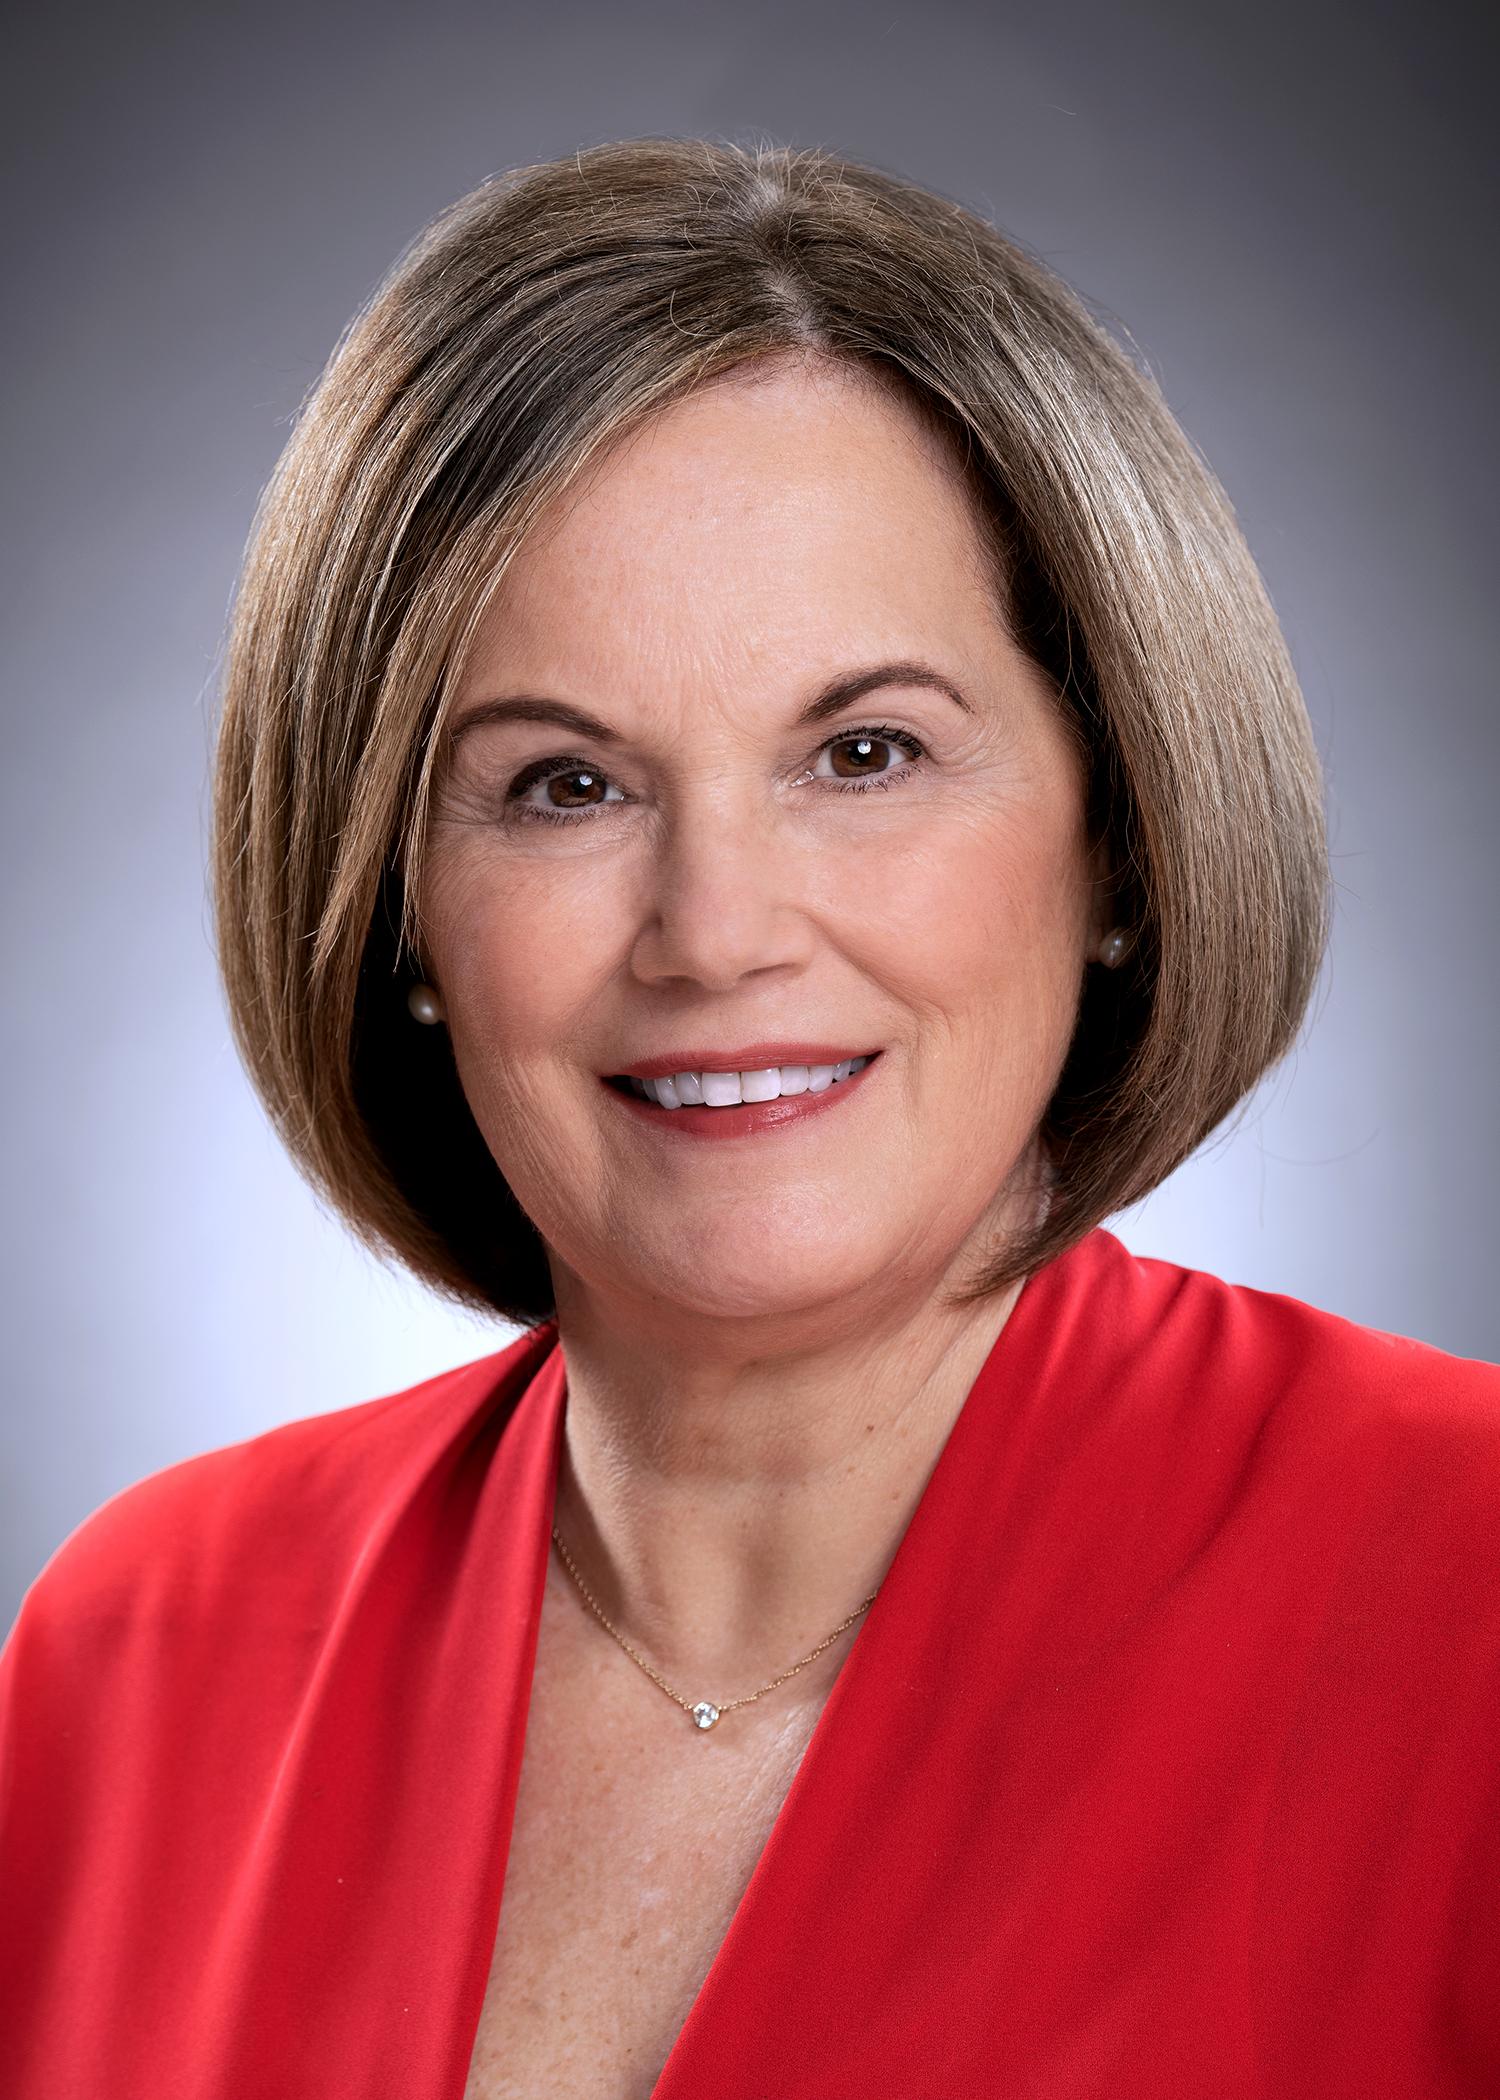 Janice Guckert